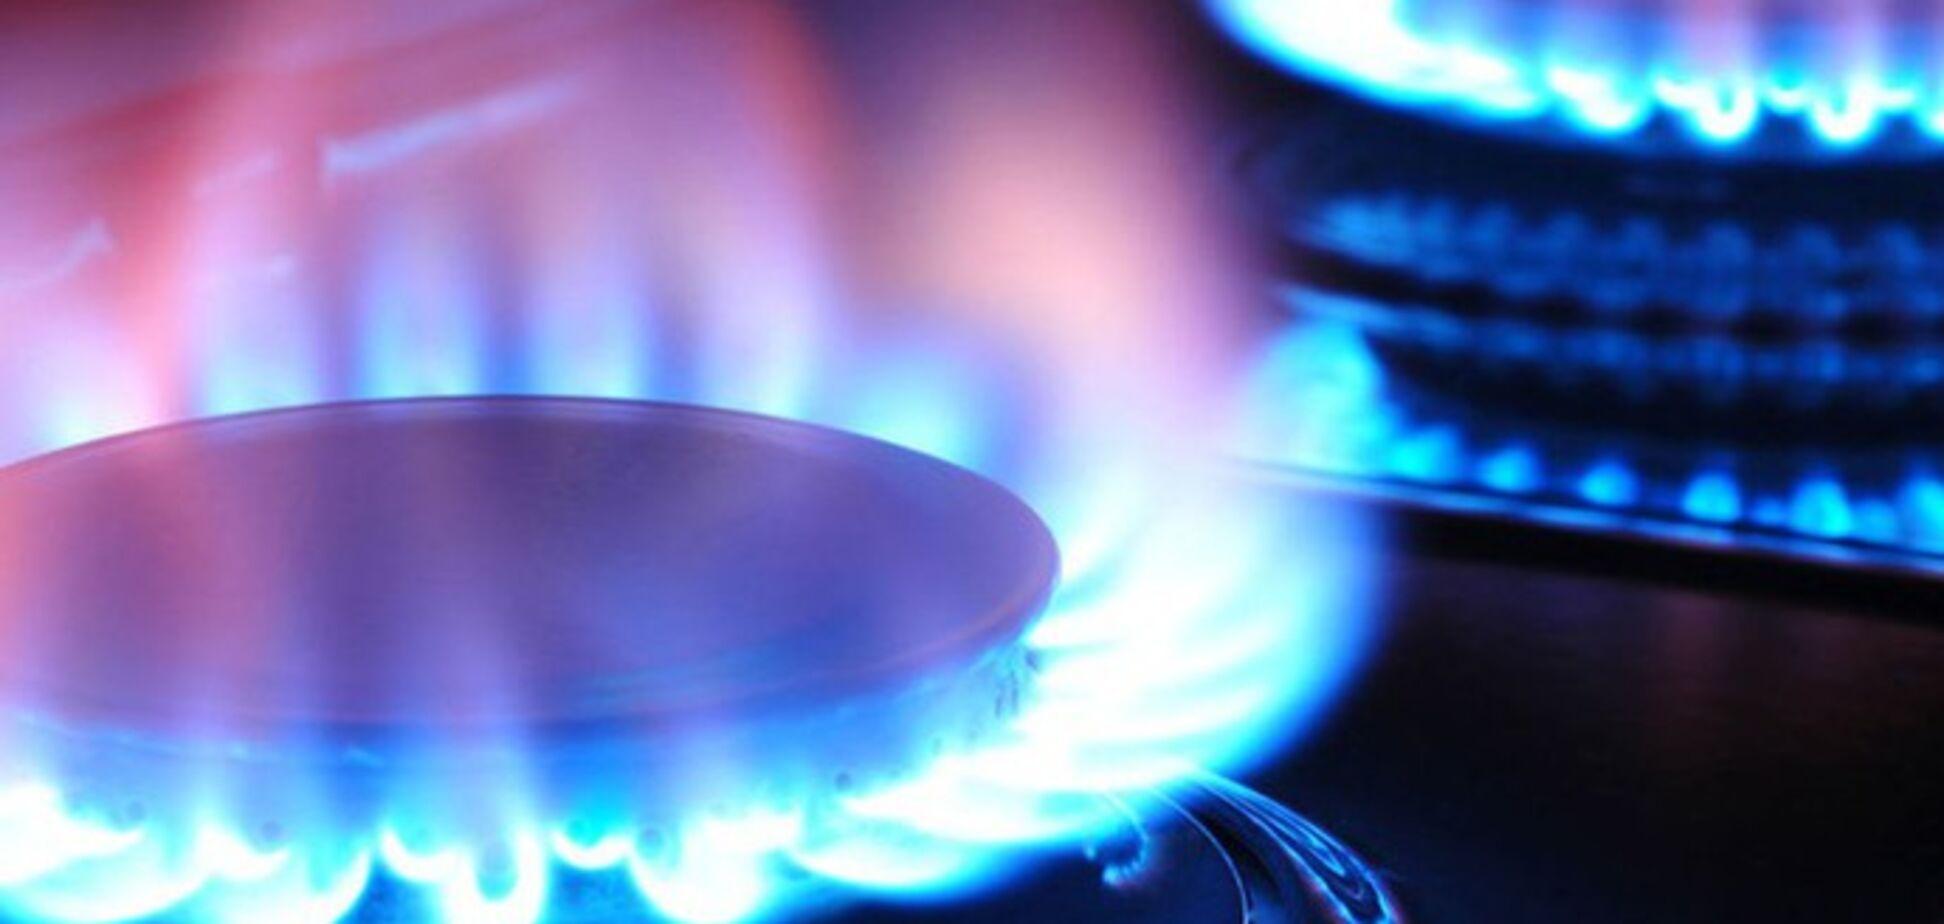 Эксперт назвал настоящую цену газа для населения Украины